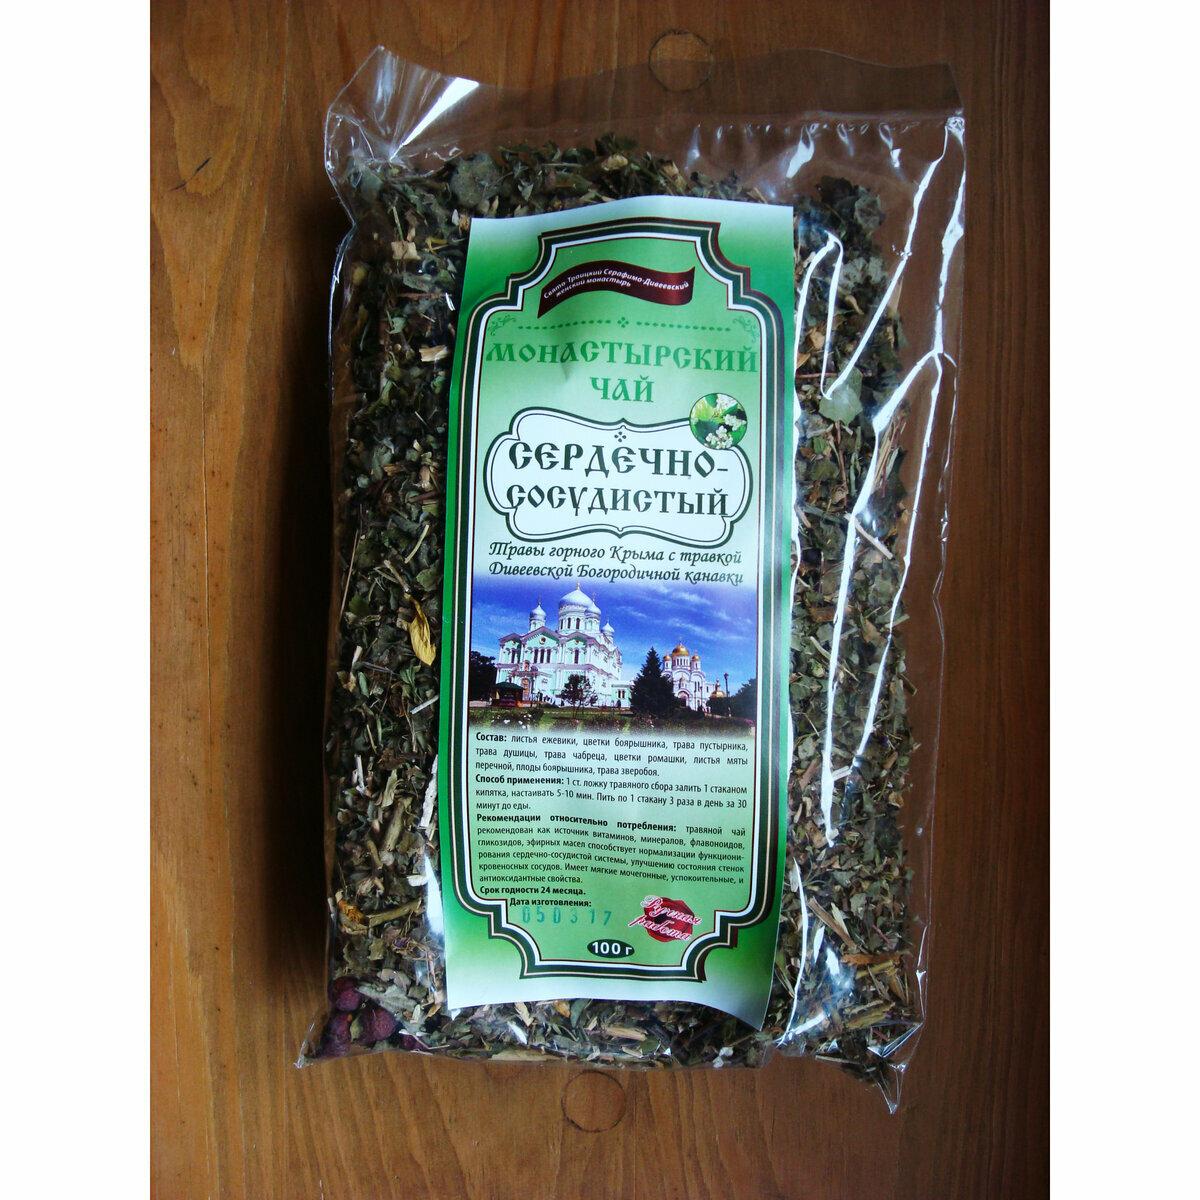 Монастырский сердечный чай в Керчи